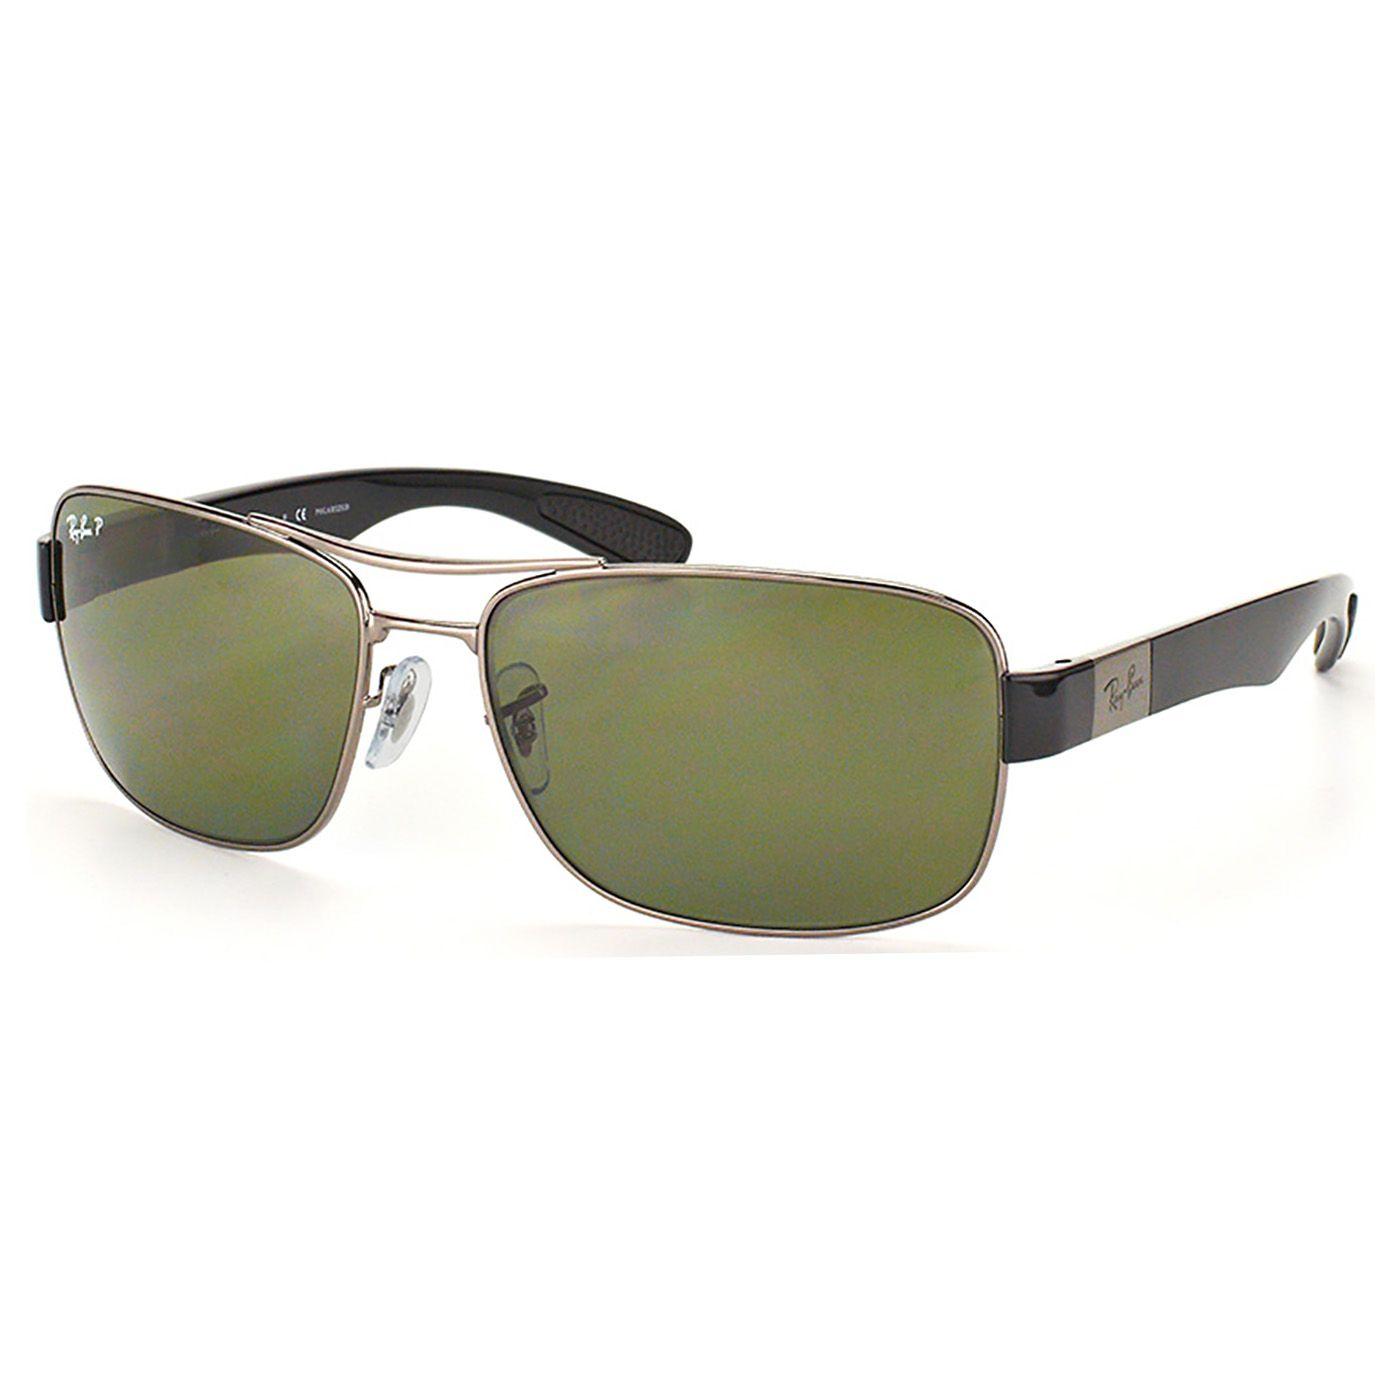 Óculos de Sol Ray Ban Polarizado RB3522 Masculino Metal Cinza